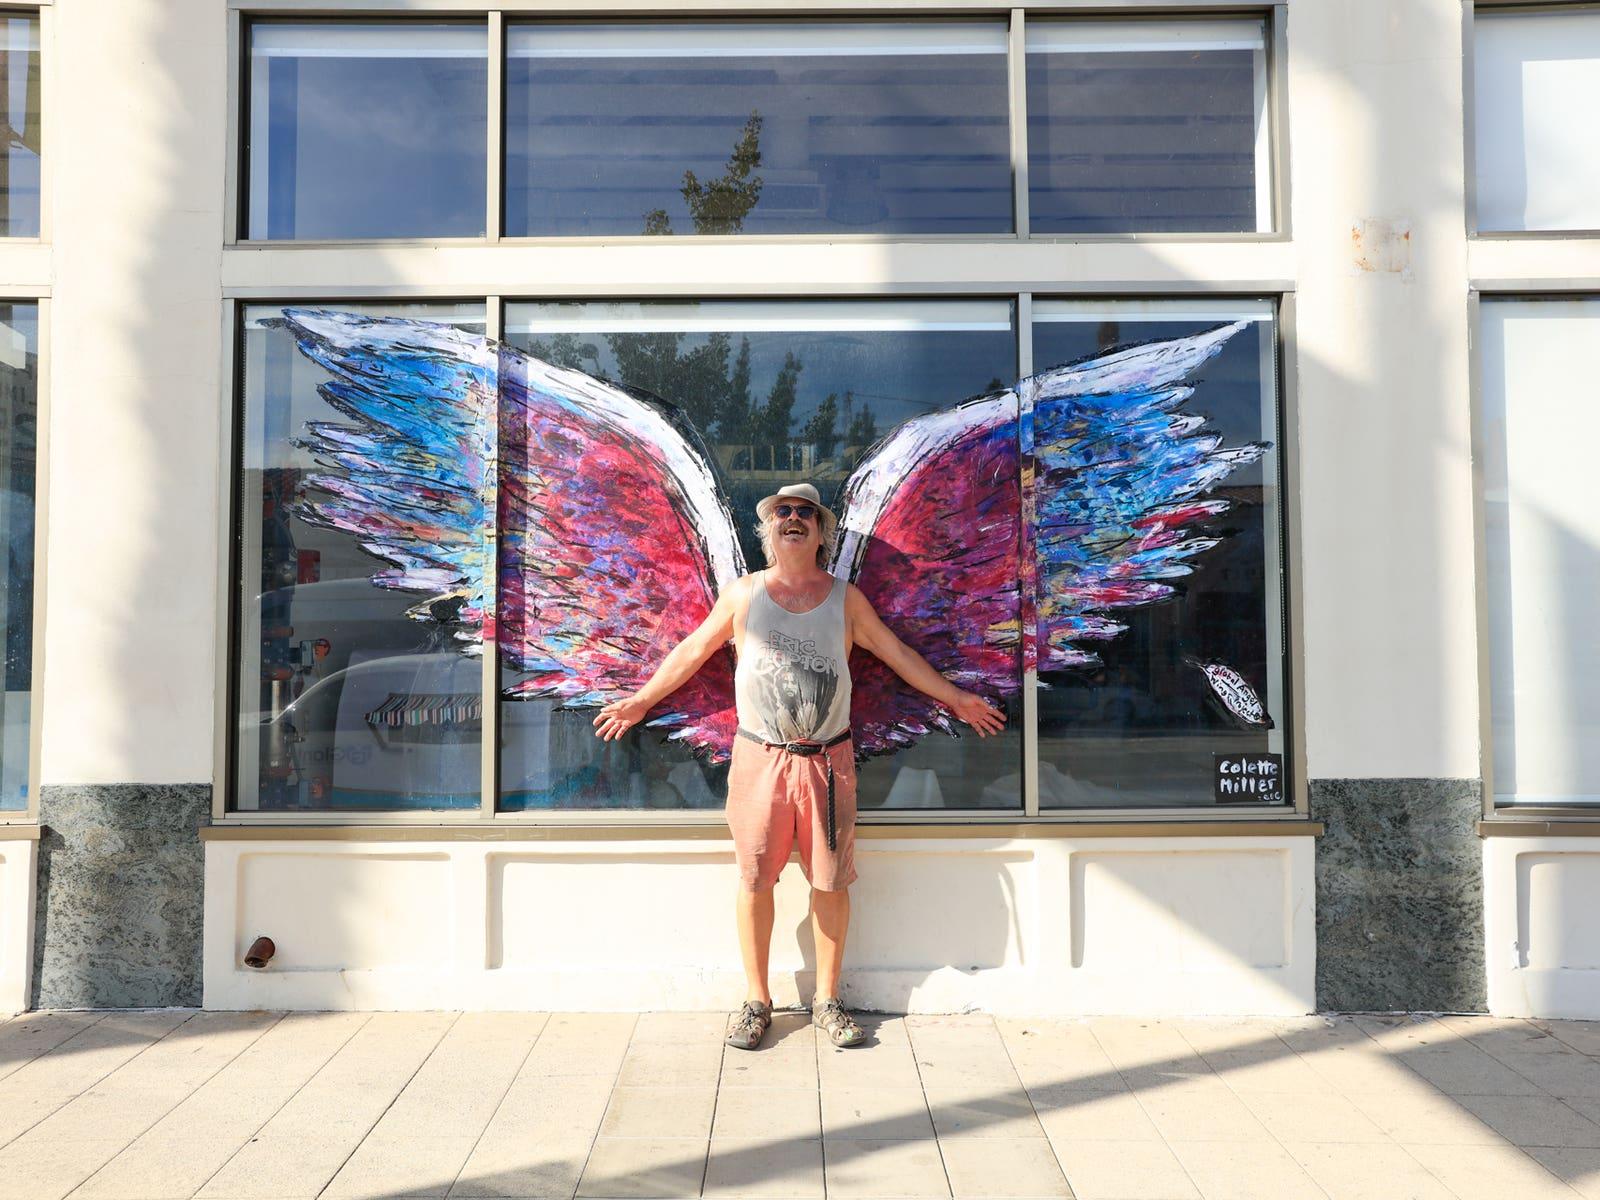 Colette Miller Angel Wings Pasadena